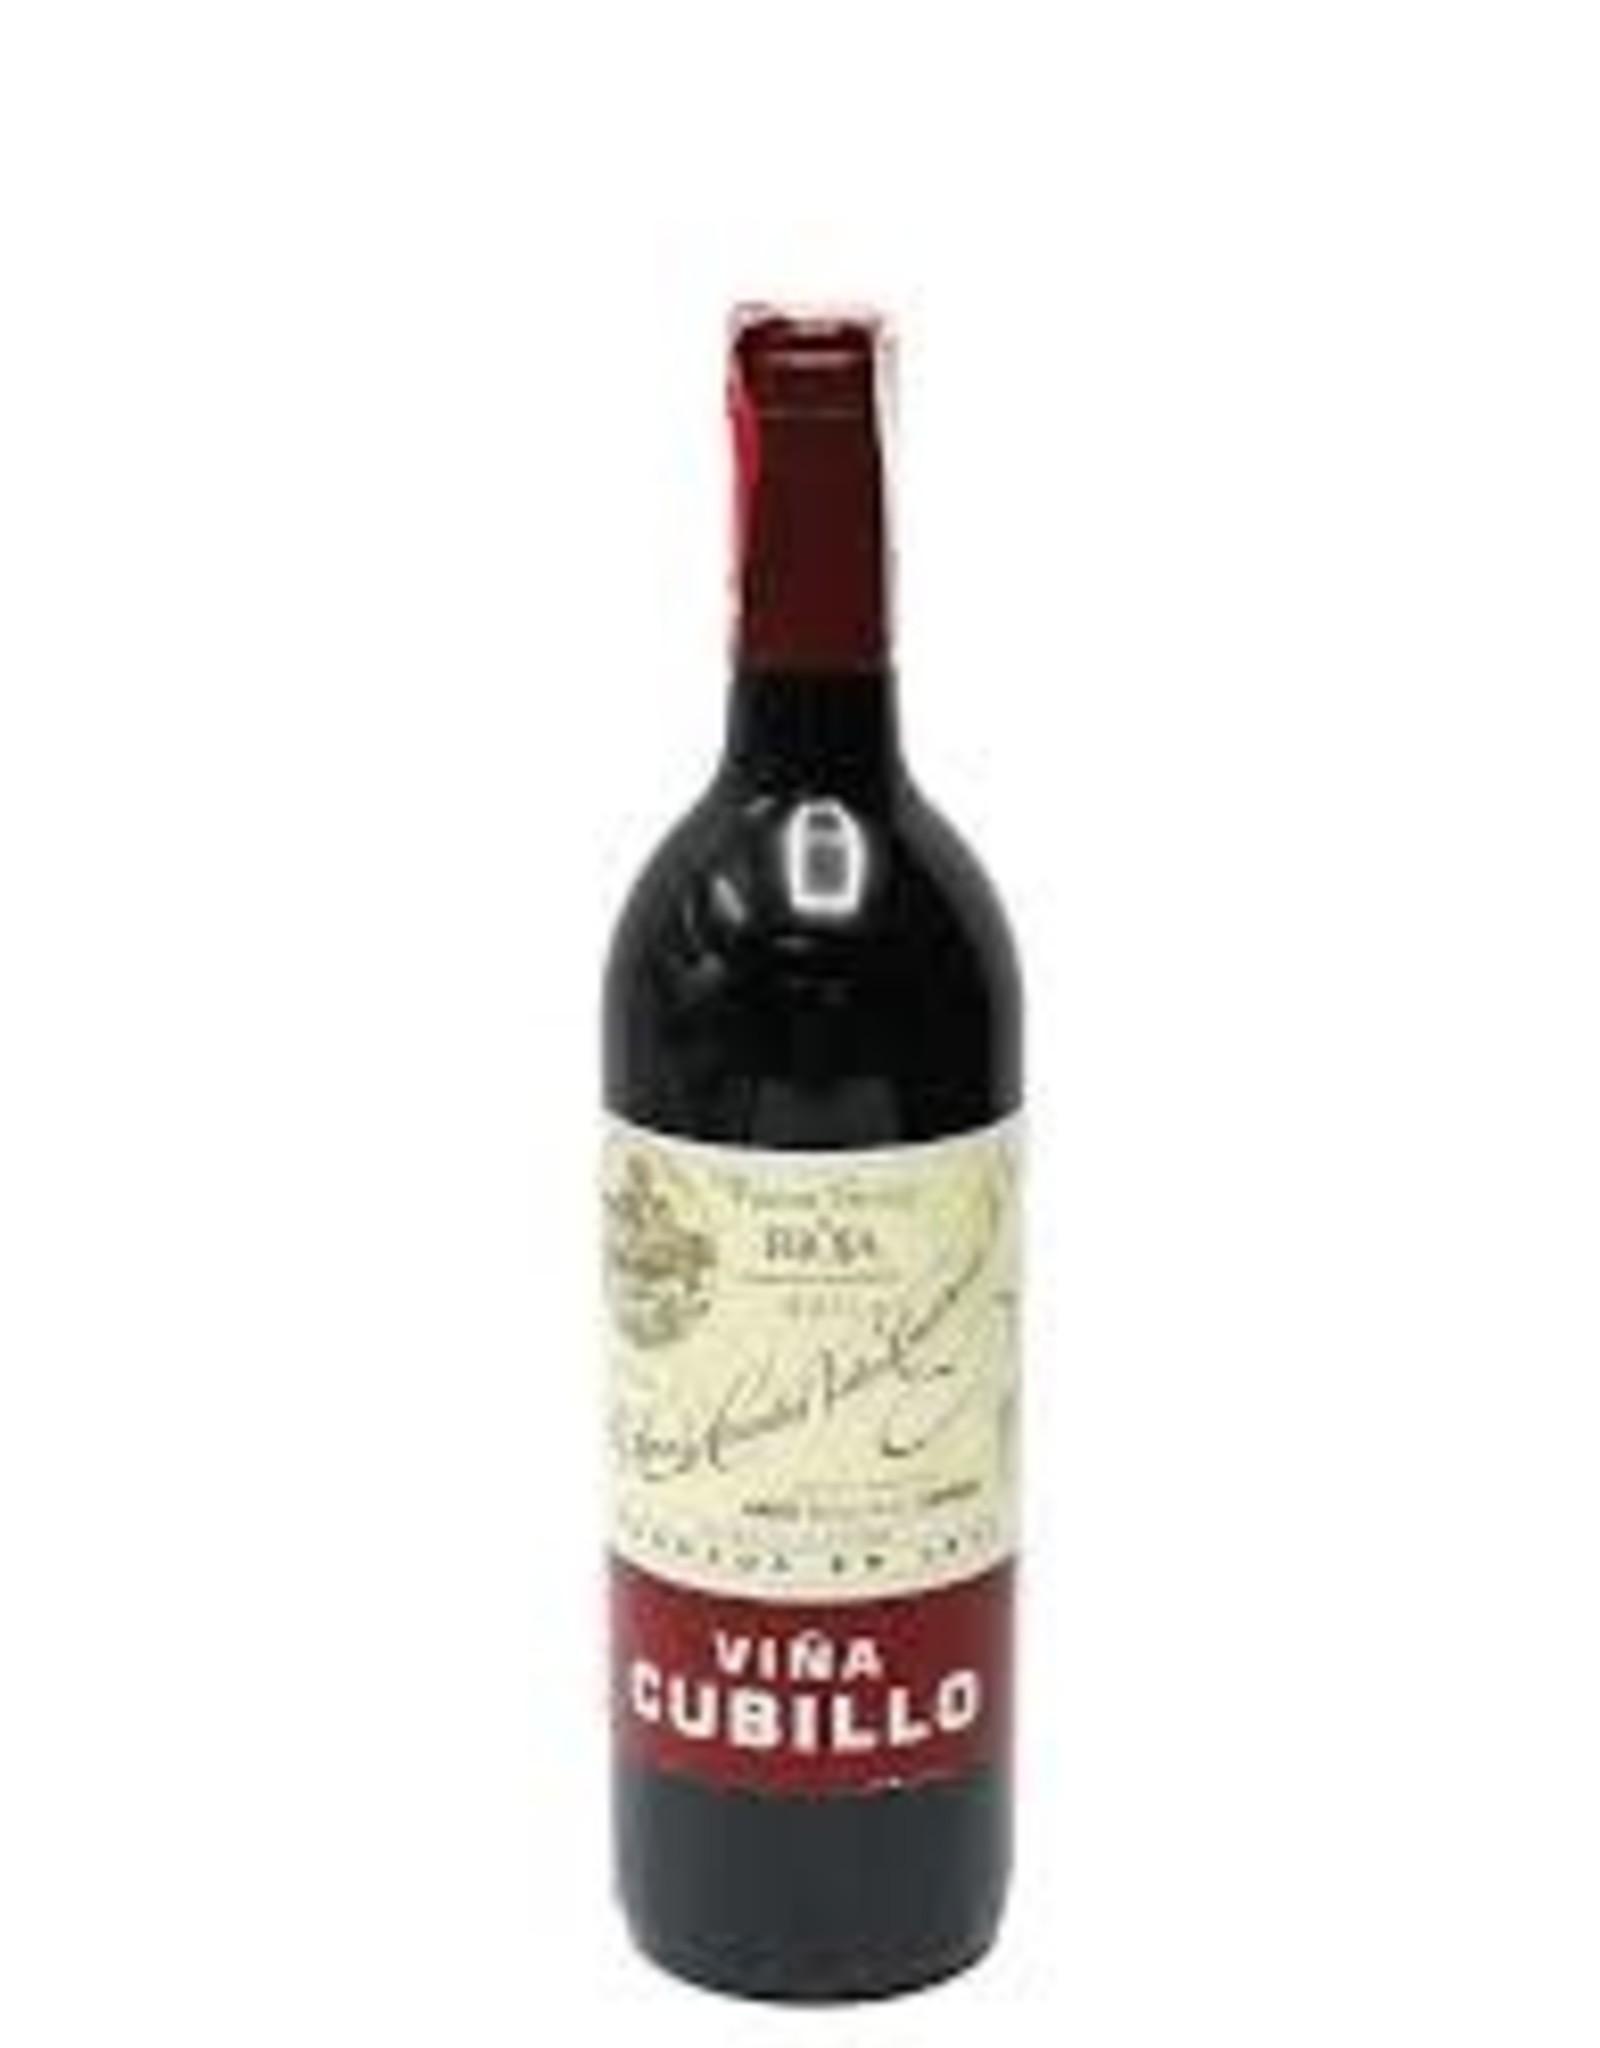 Rioja Crianza, CUBILLO, Lopez de Heredia 2011